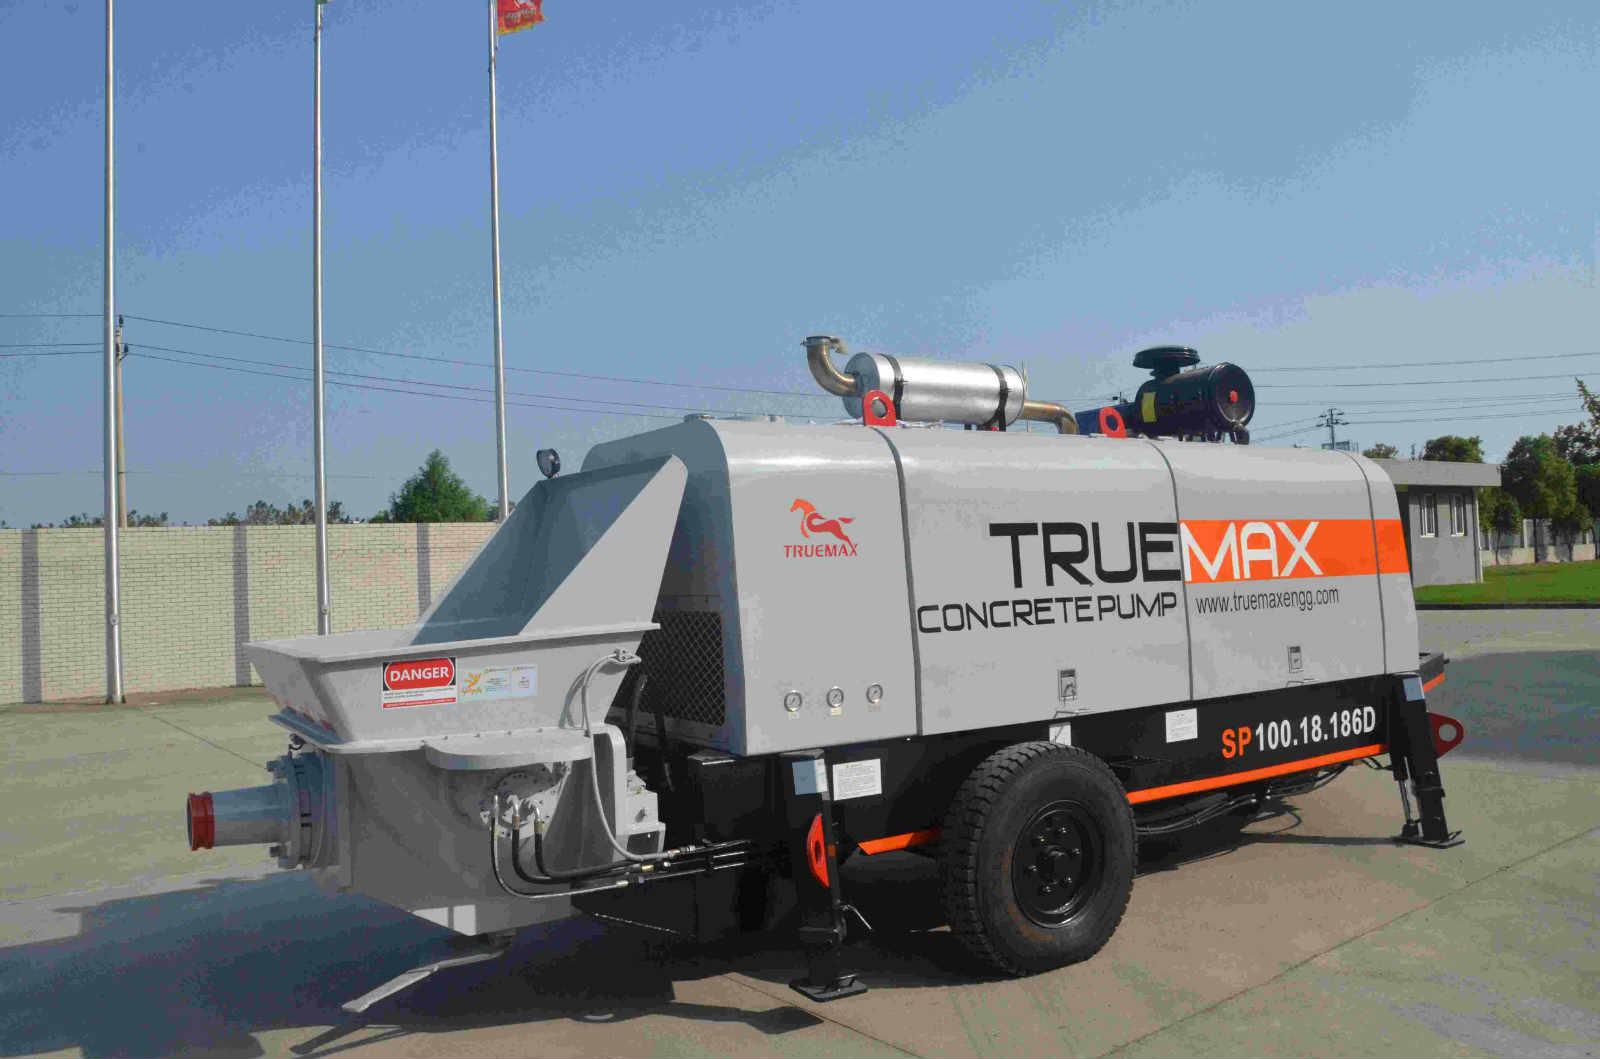 山东省便宜的混凝土臂架泵车超值低价,尽在信瑞重工